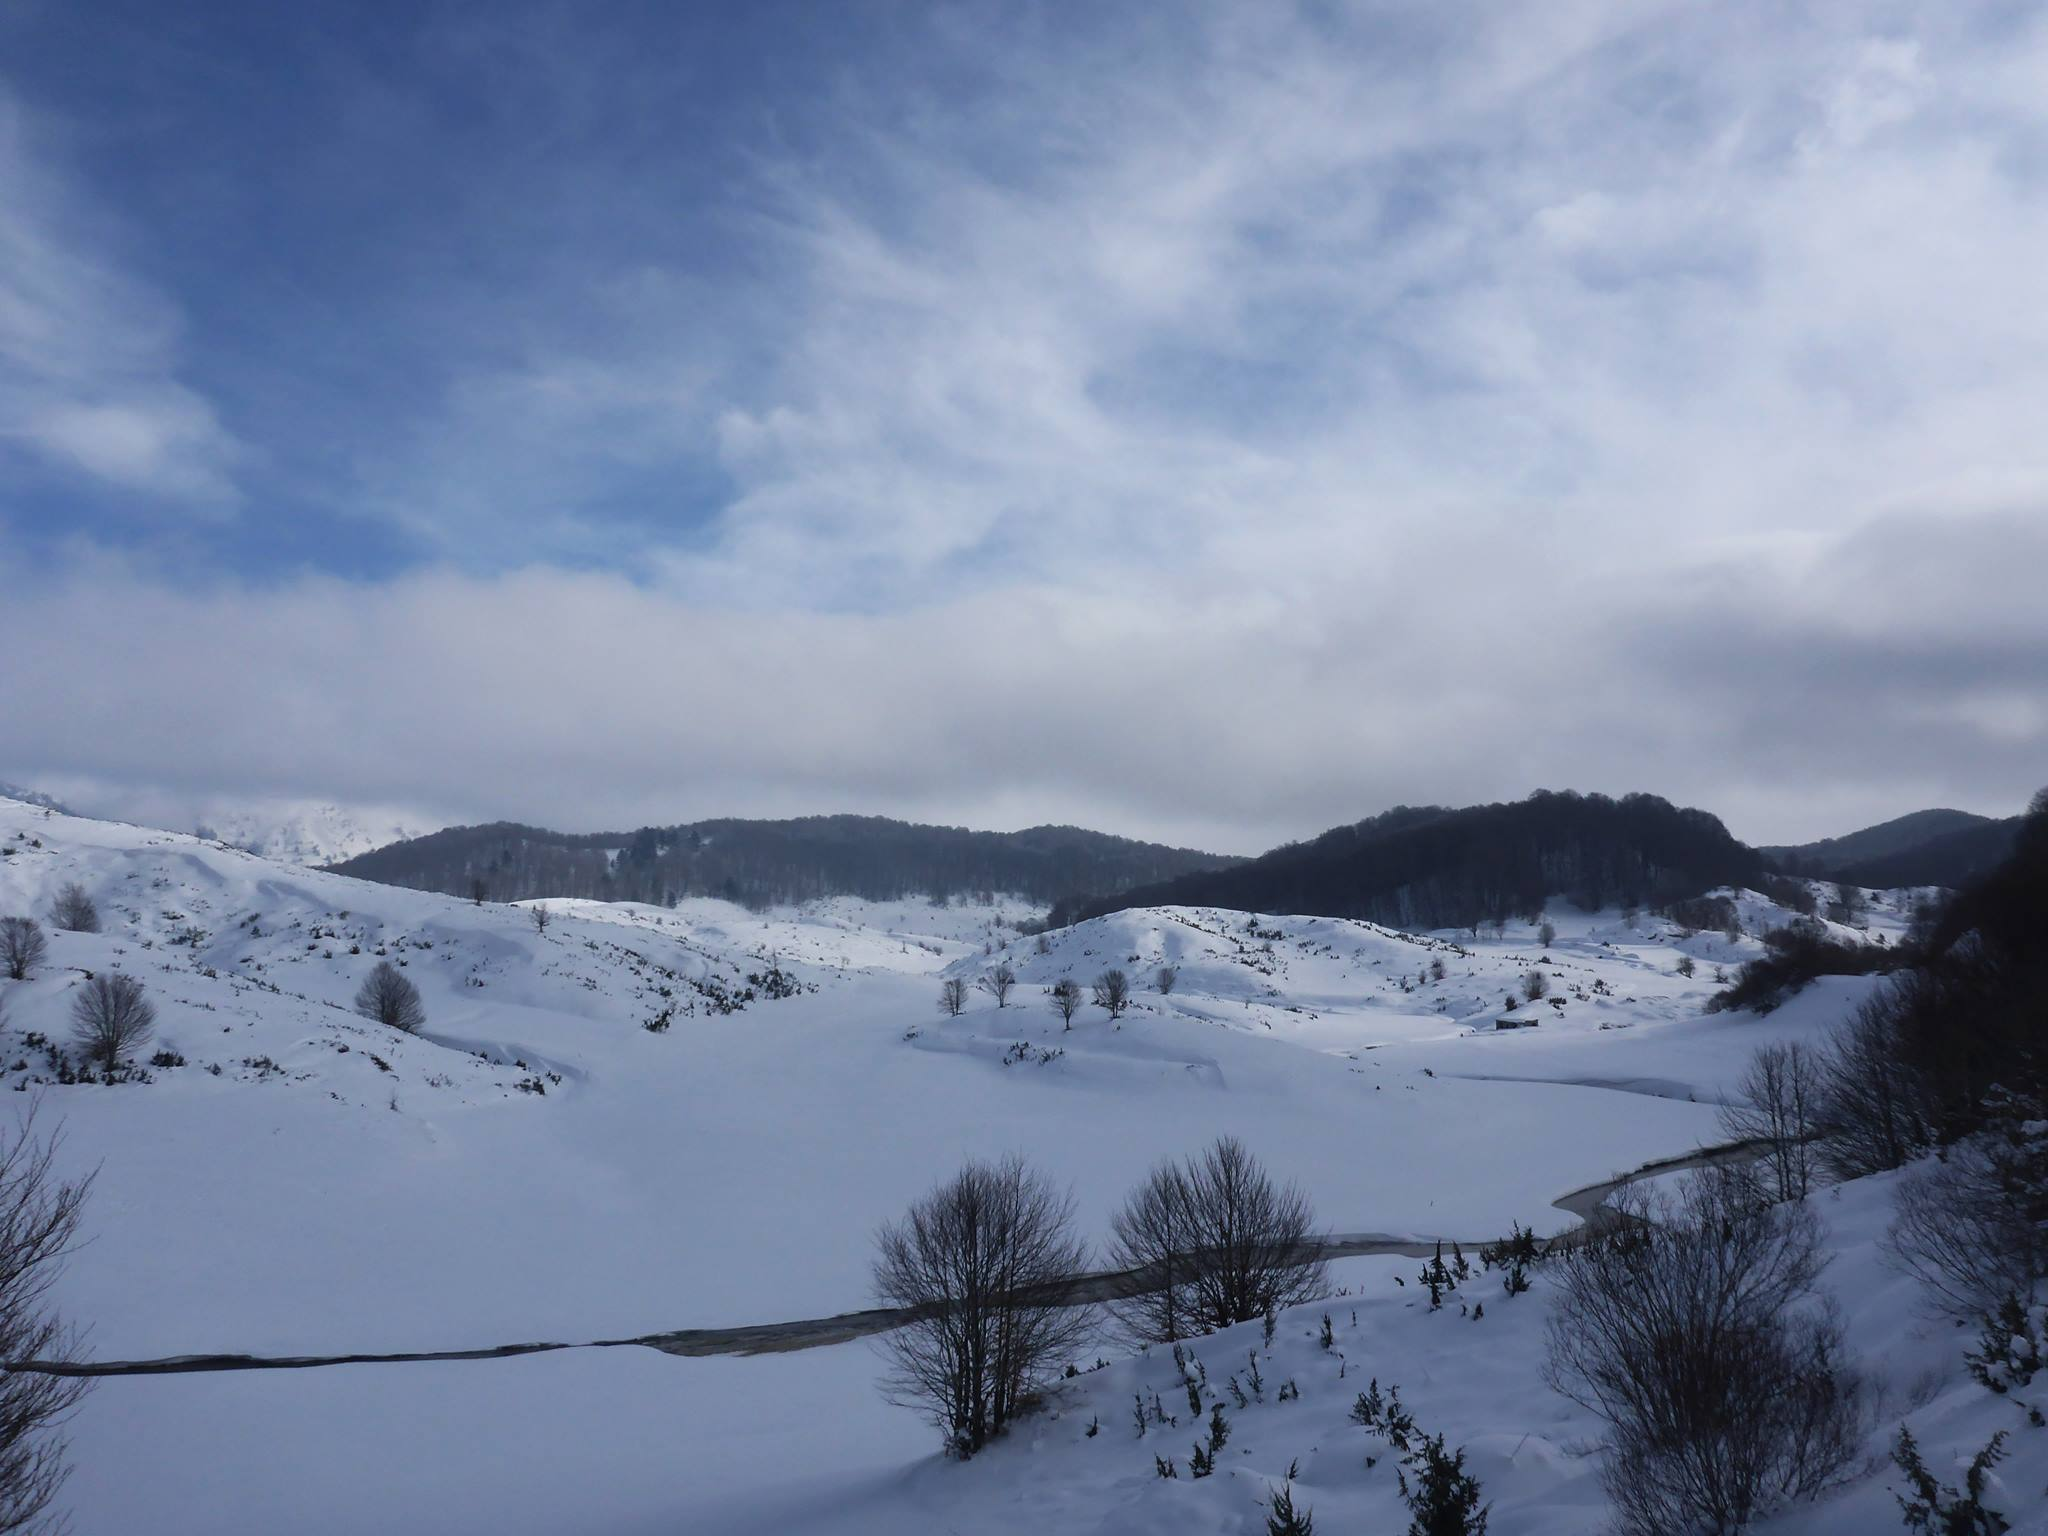 Malgré le vent glacial, je ne suis absolument pas déçu des paysages